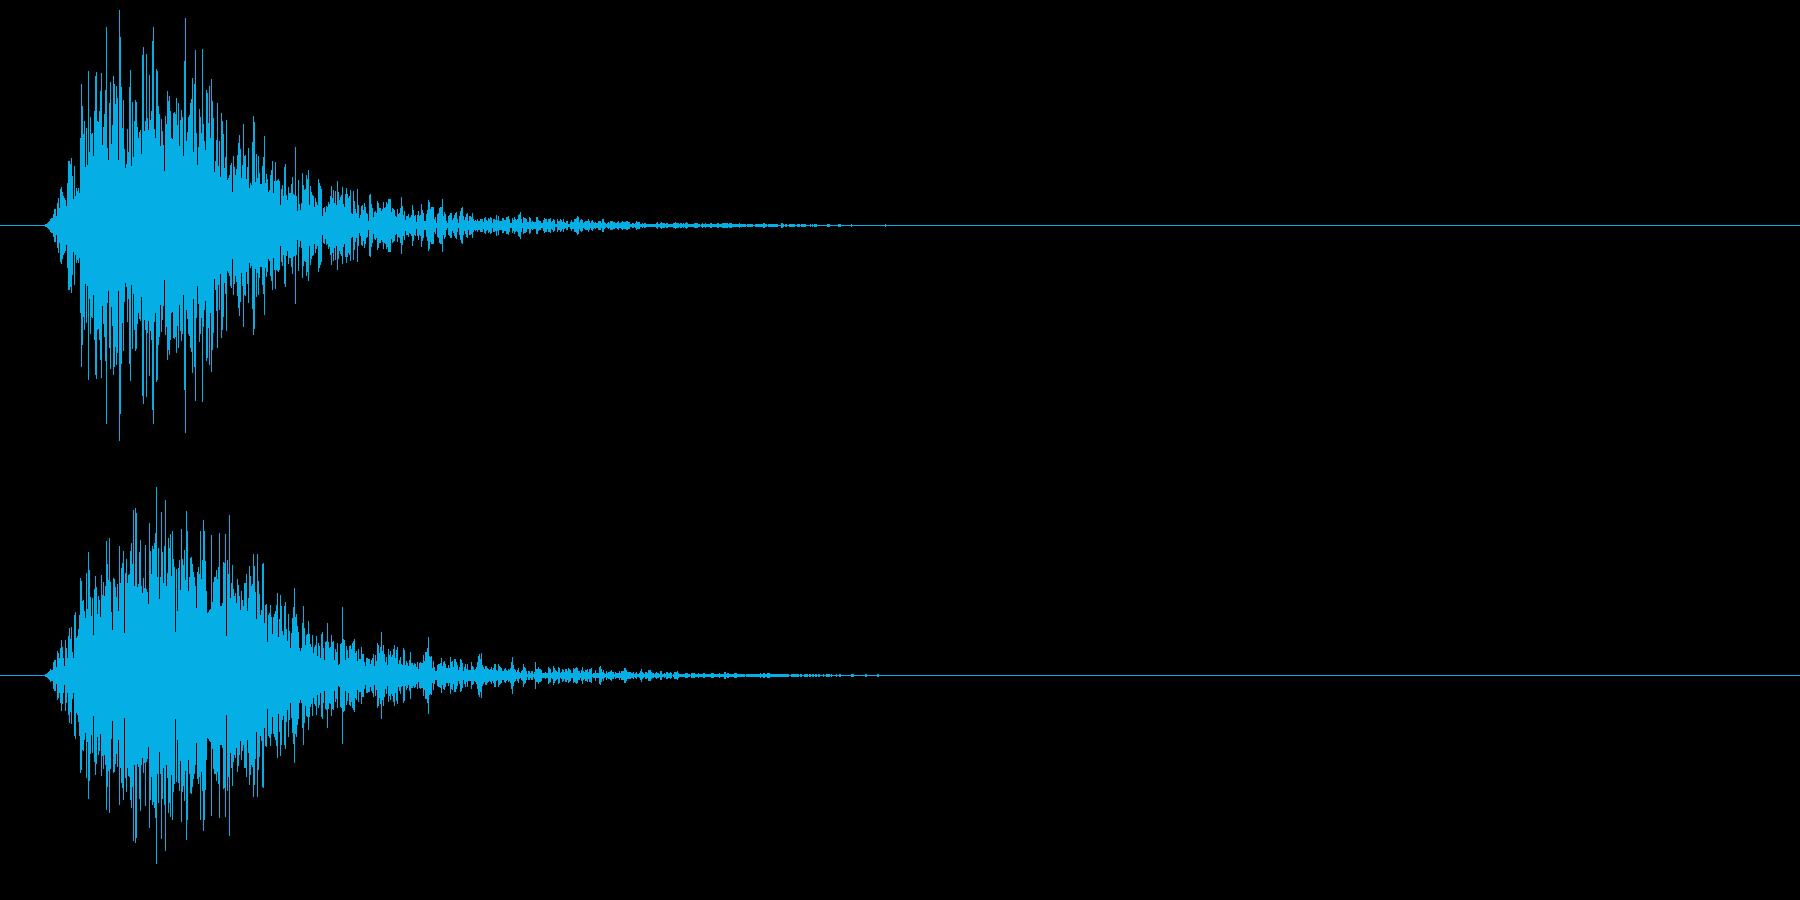 ヒュン、シュン、素振りのような風切り音の再生済みの波形